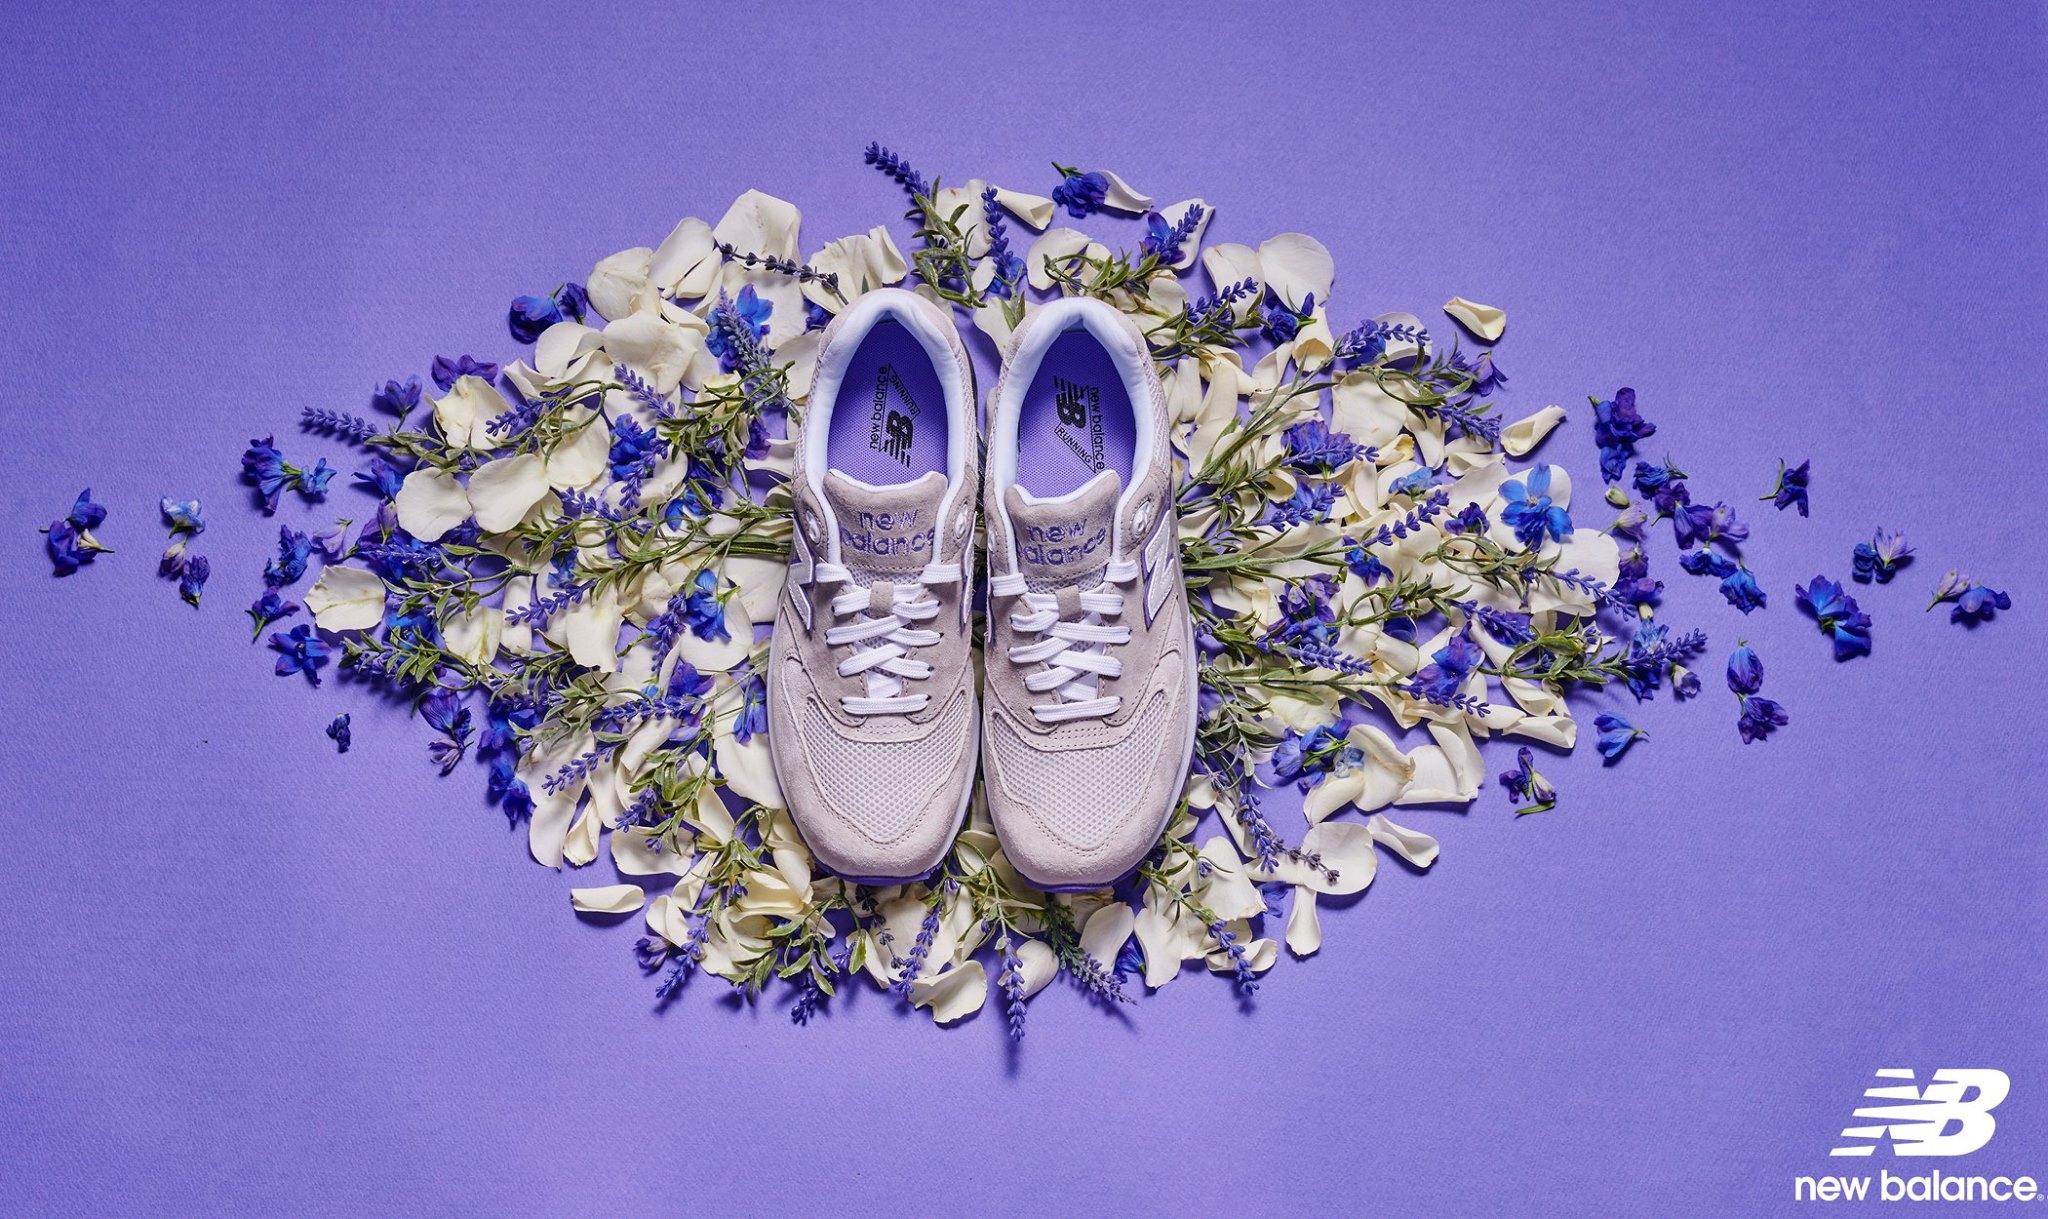 像這個!就是之前熱賣的薰衣草ML999鞋款,讓紫色控的女生都要昏倒了~